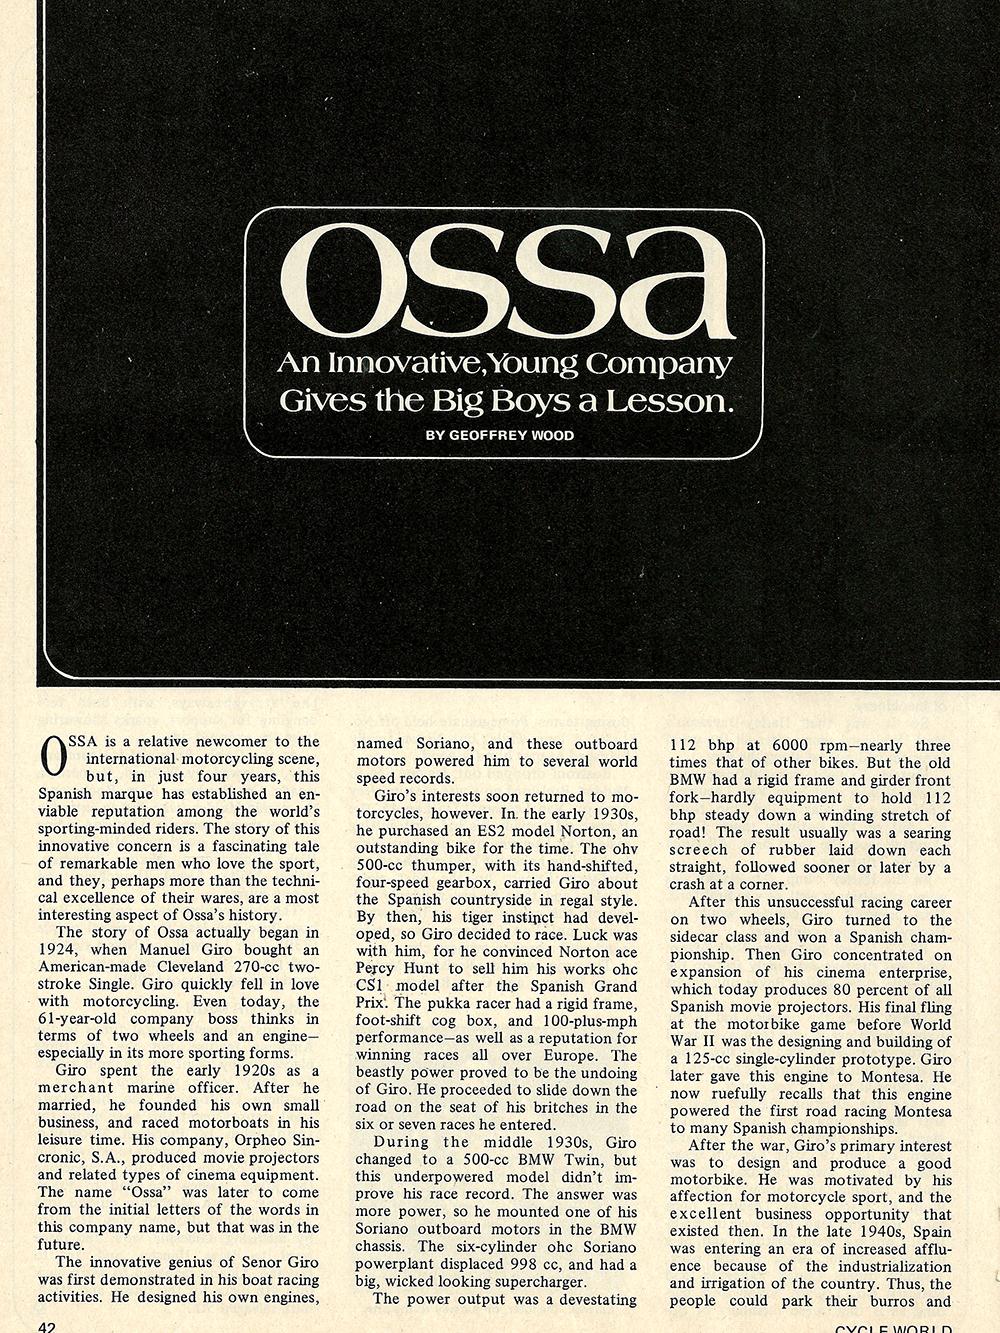 History of Ossa 01.jpg